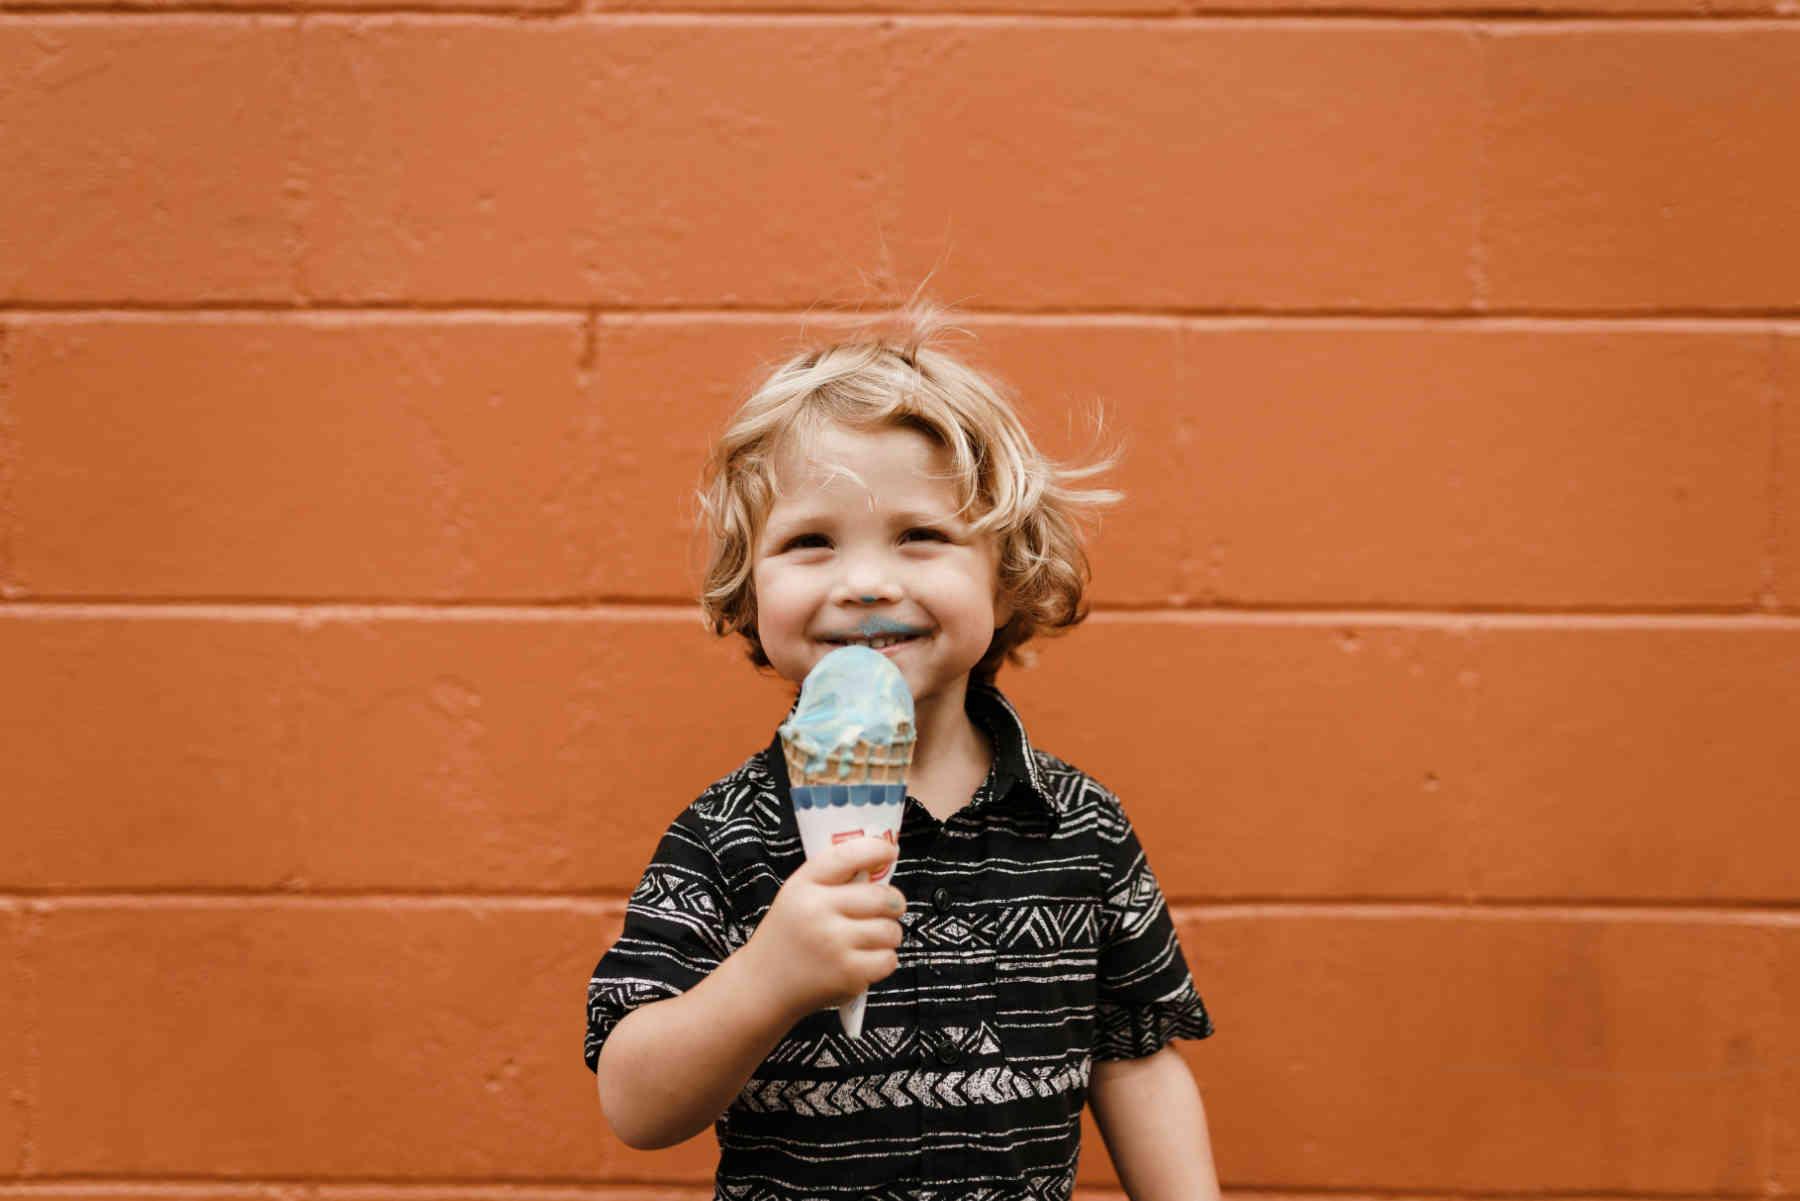 L'allergie alimentaire infantile est liée à un mélange de facteurs environnementaux et génétiques